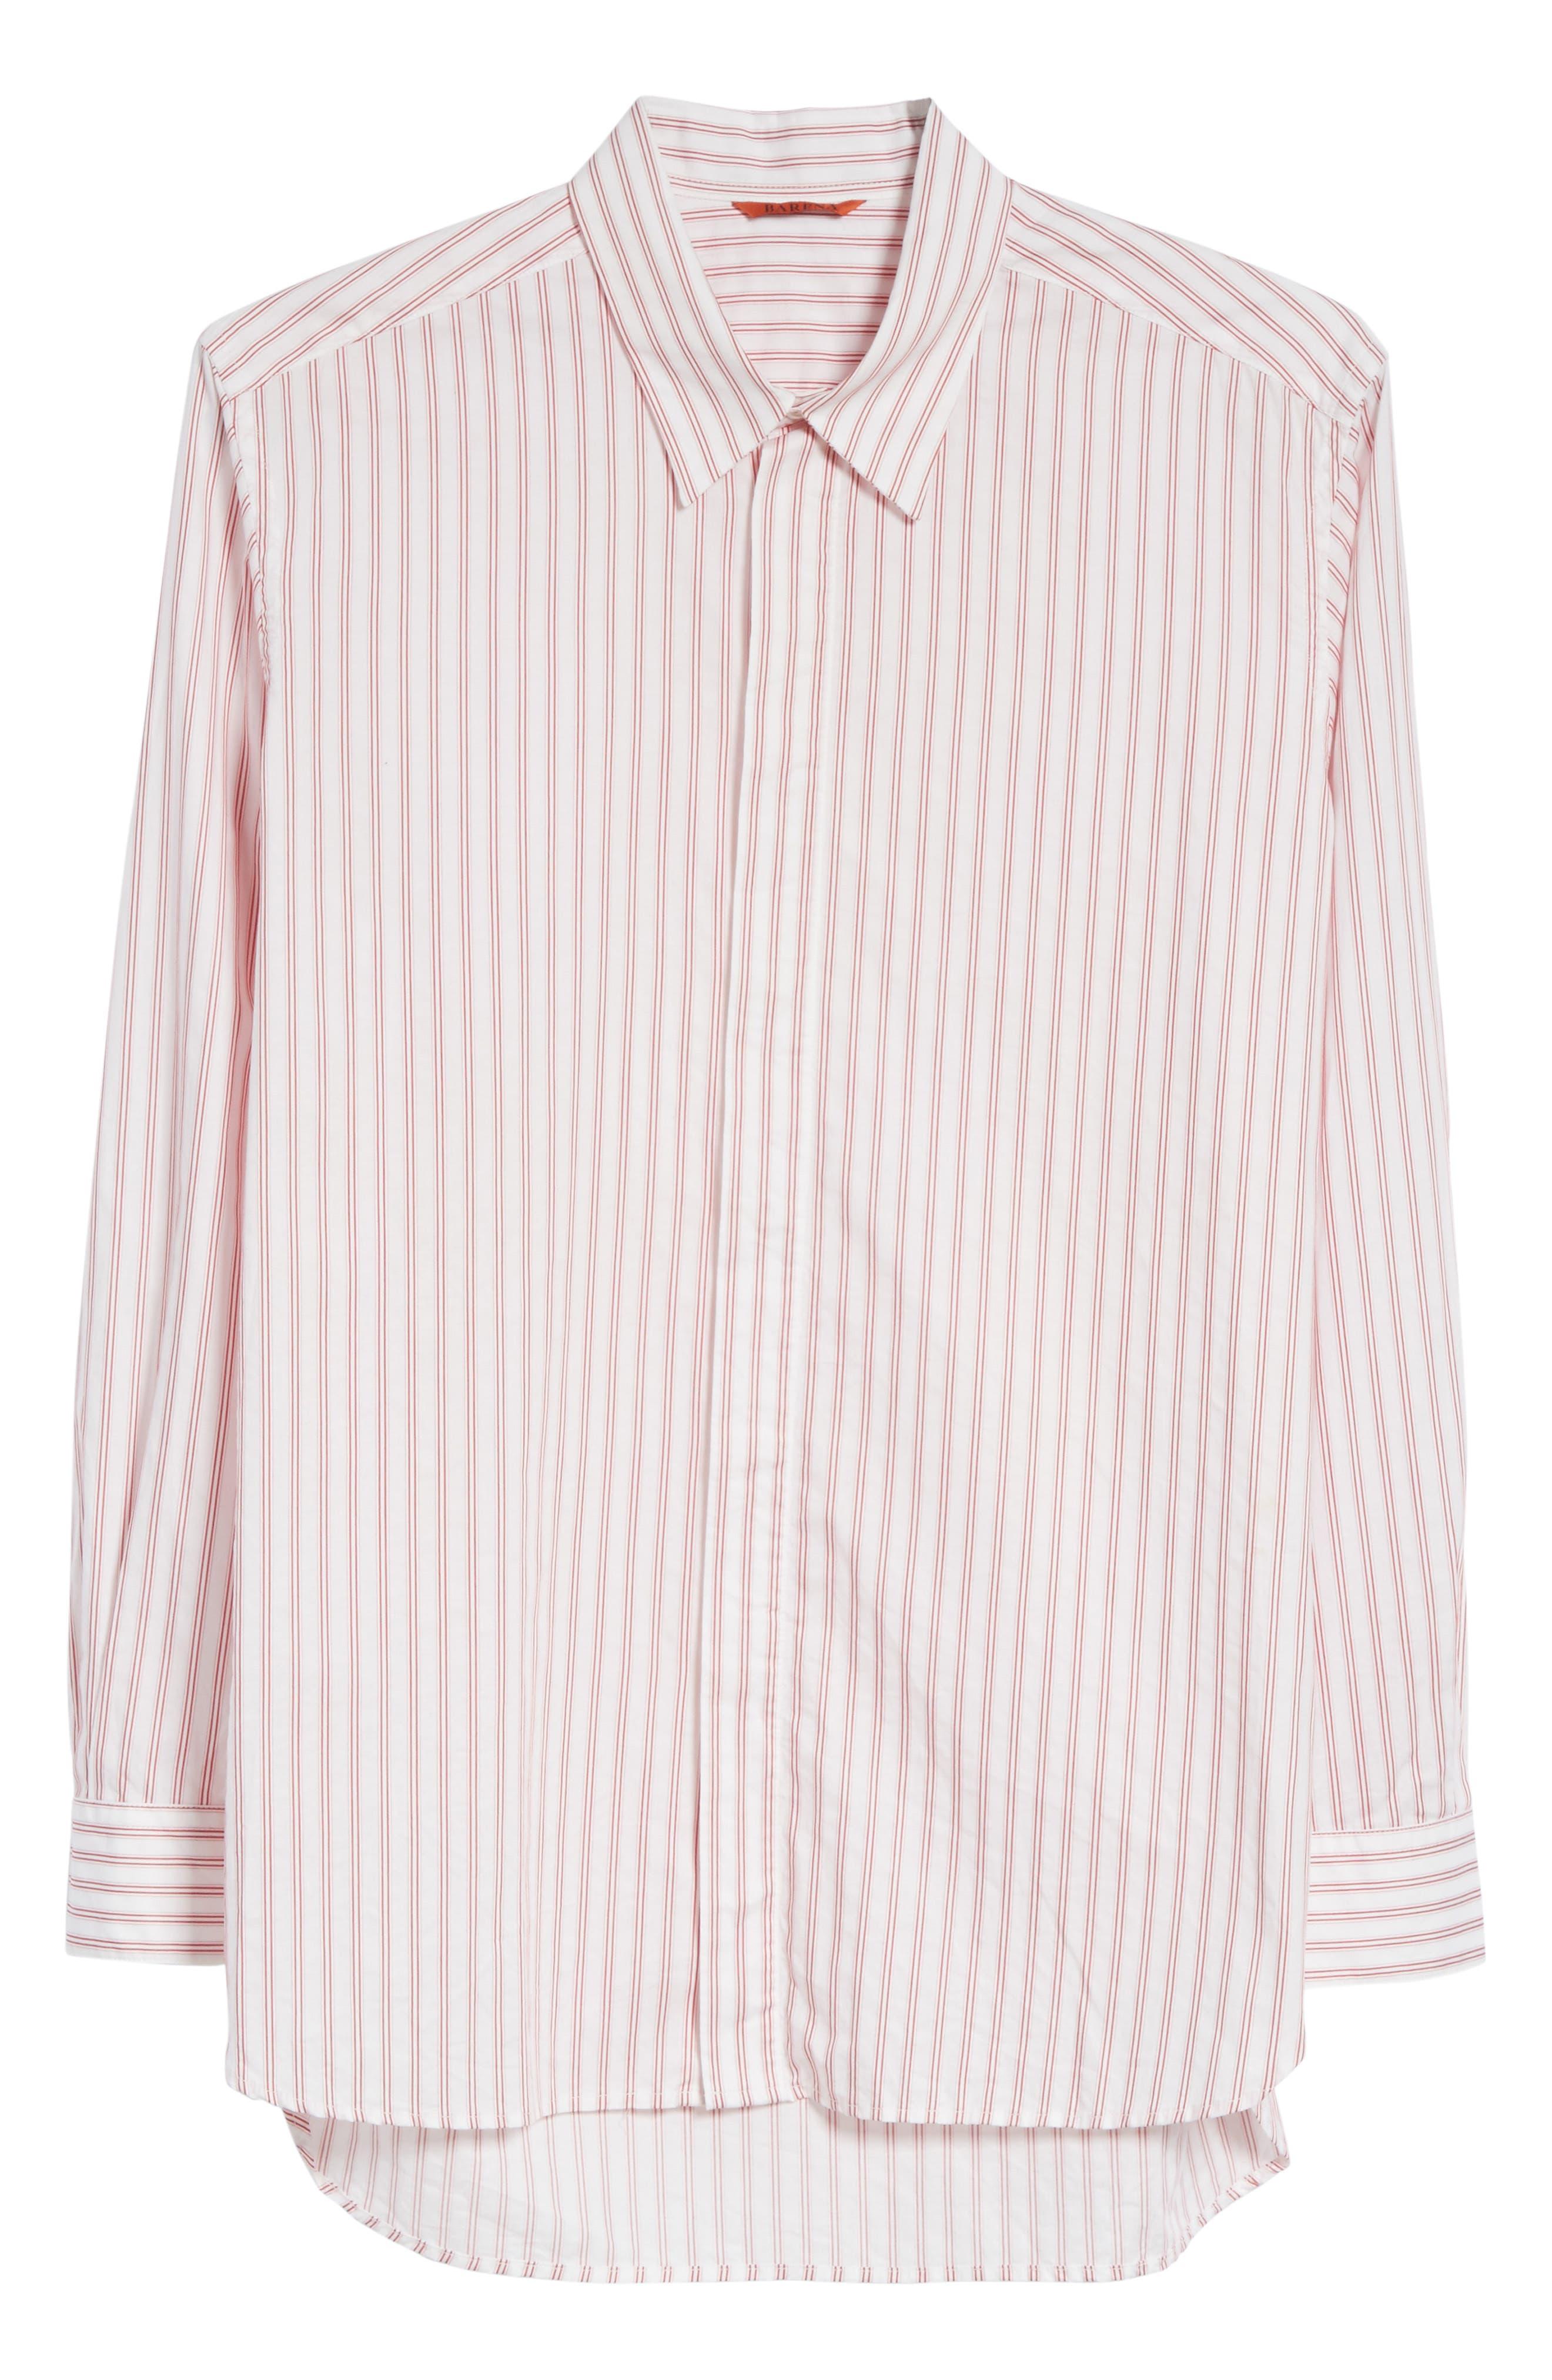 Aega Striped Sport Shirt,                             Alternate thumbnail 7, color,                             Unico